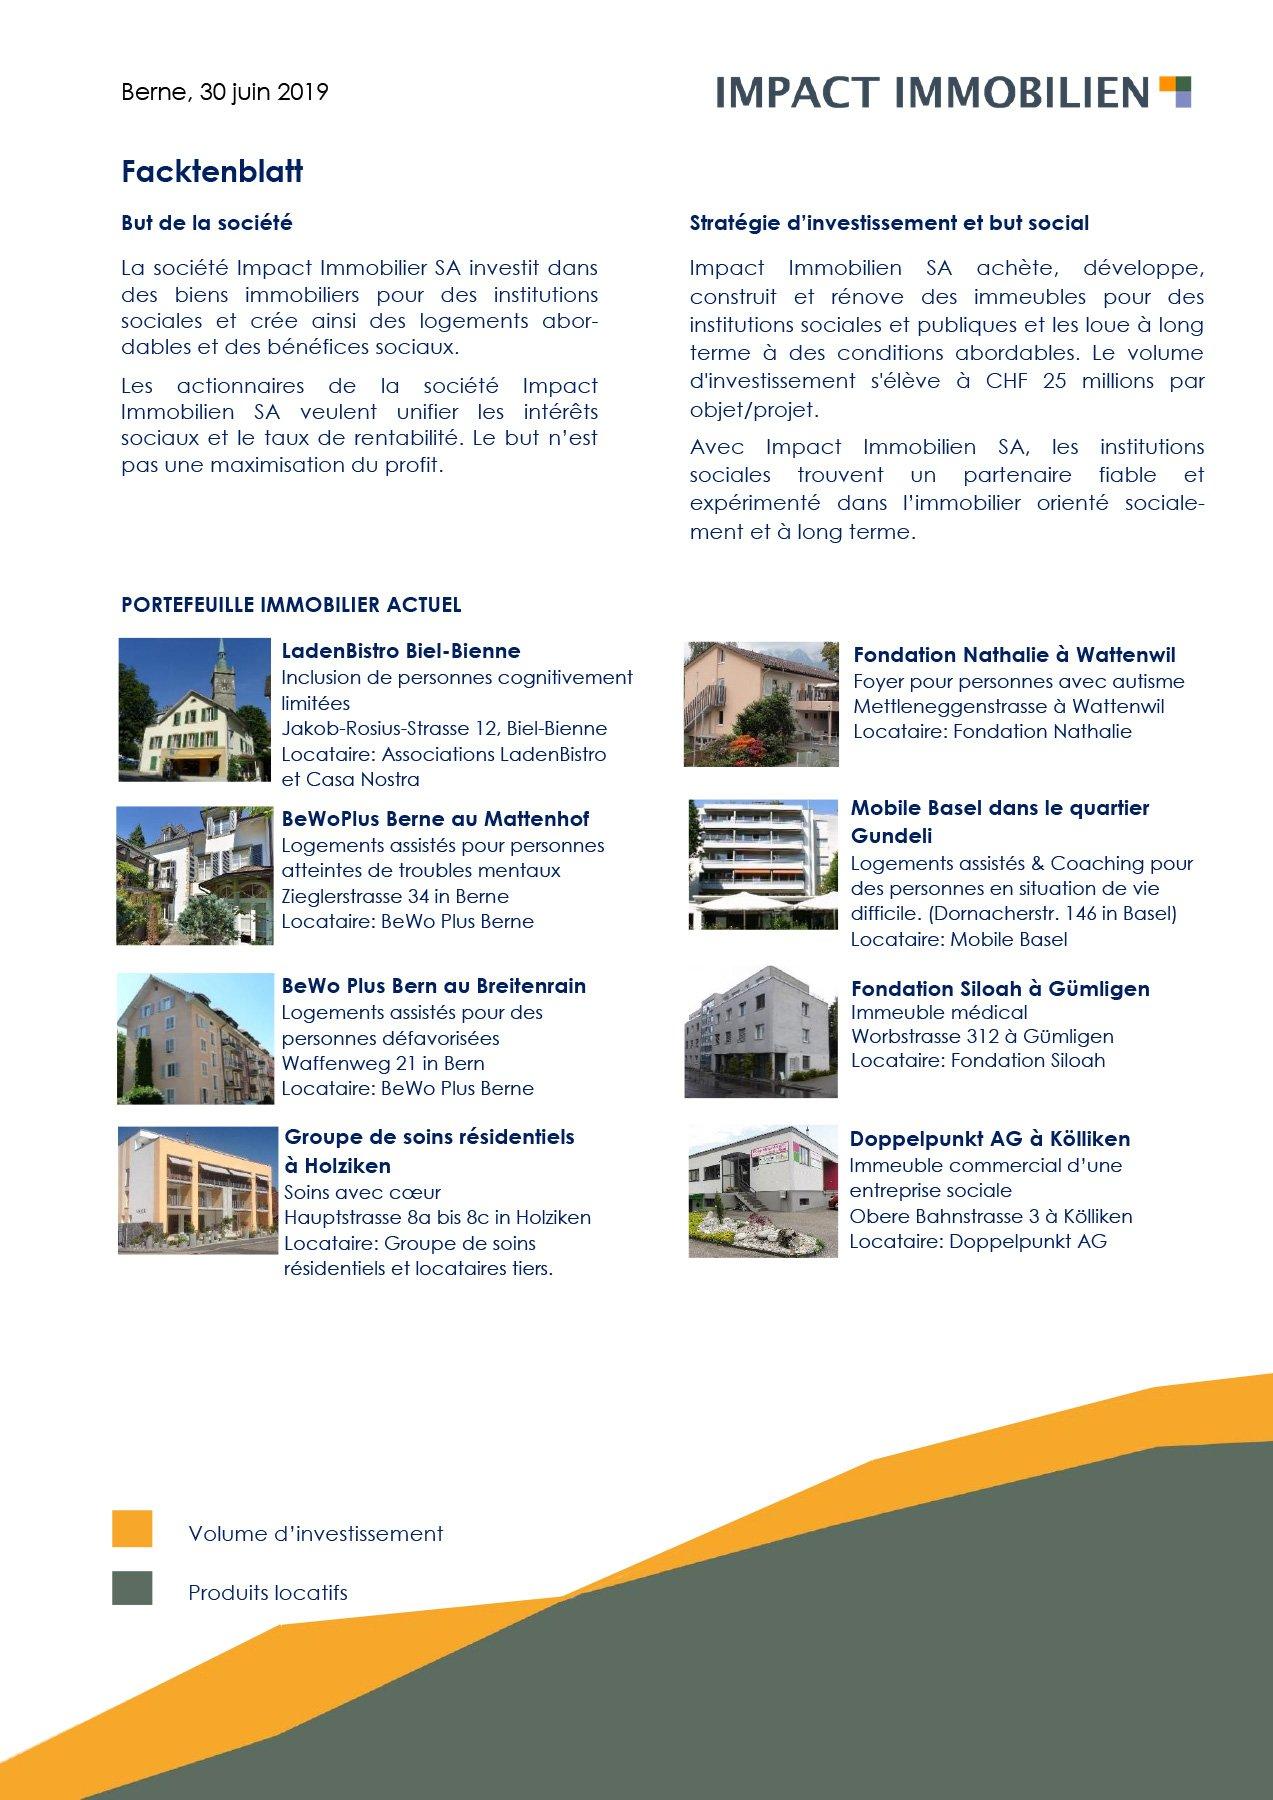 Factsheet_IIAG_2019-06-30_Final_FR-1